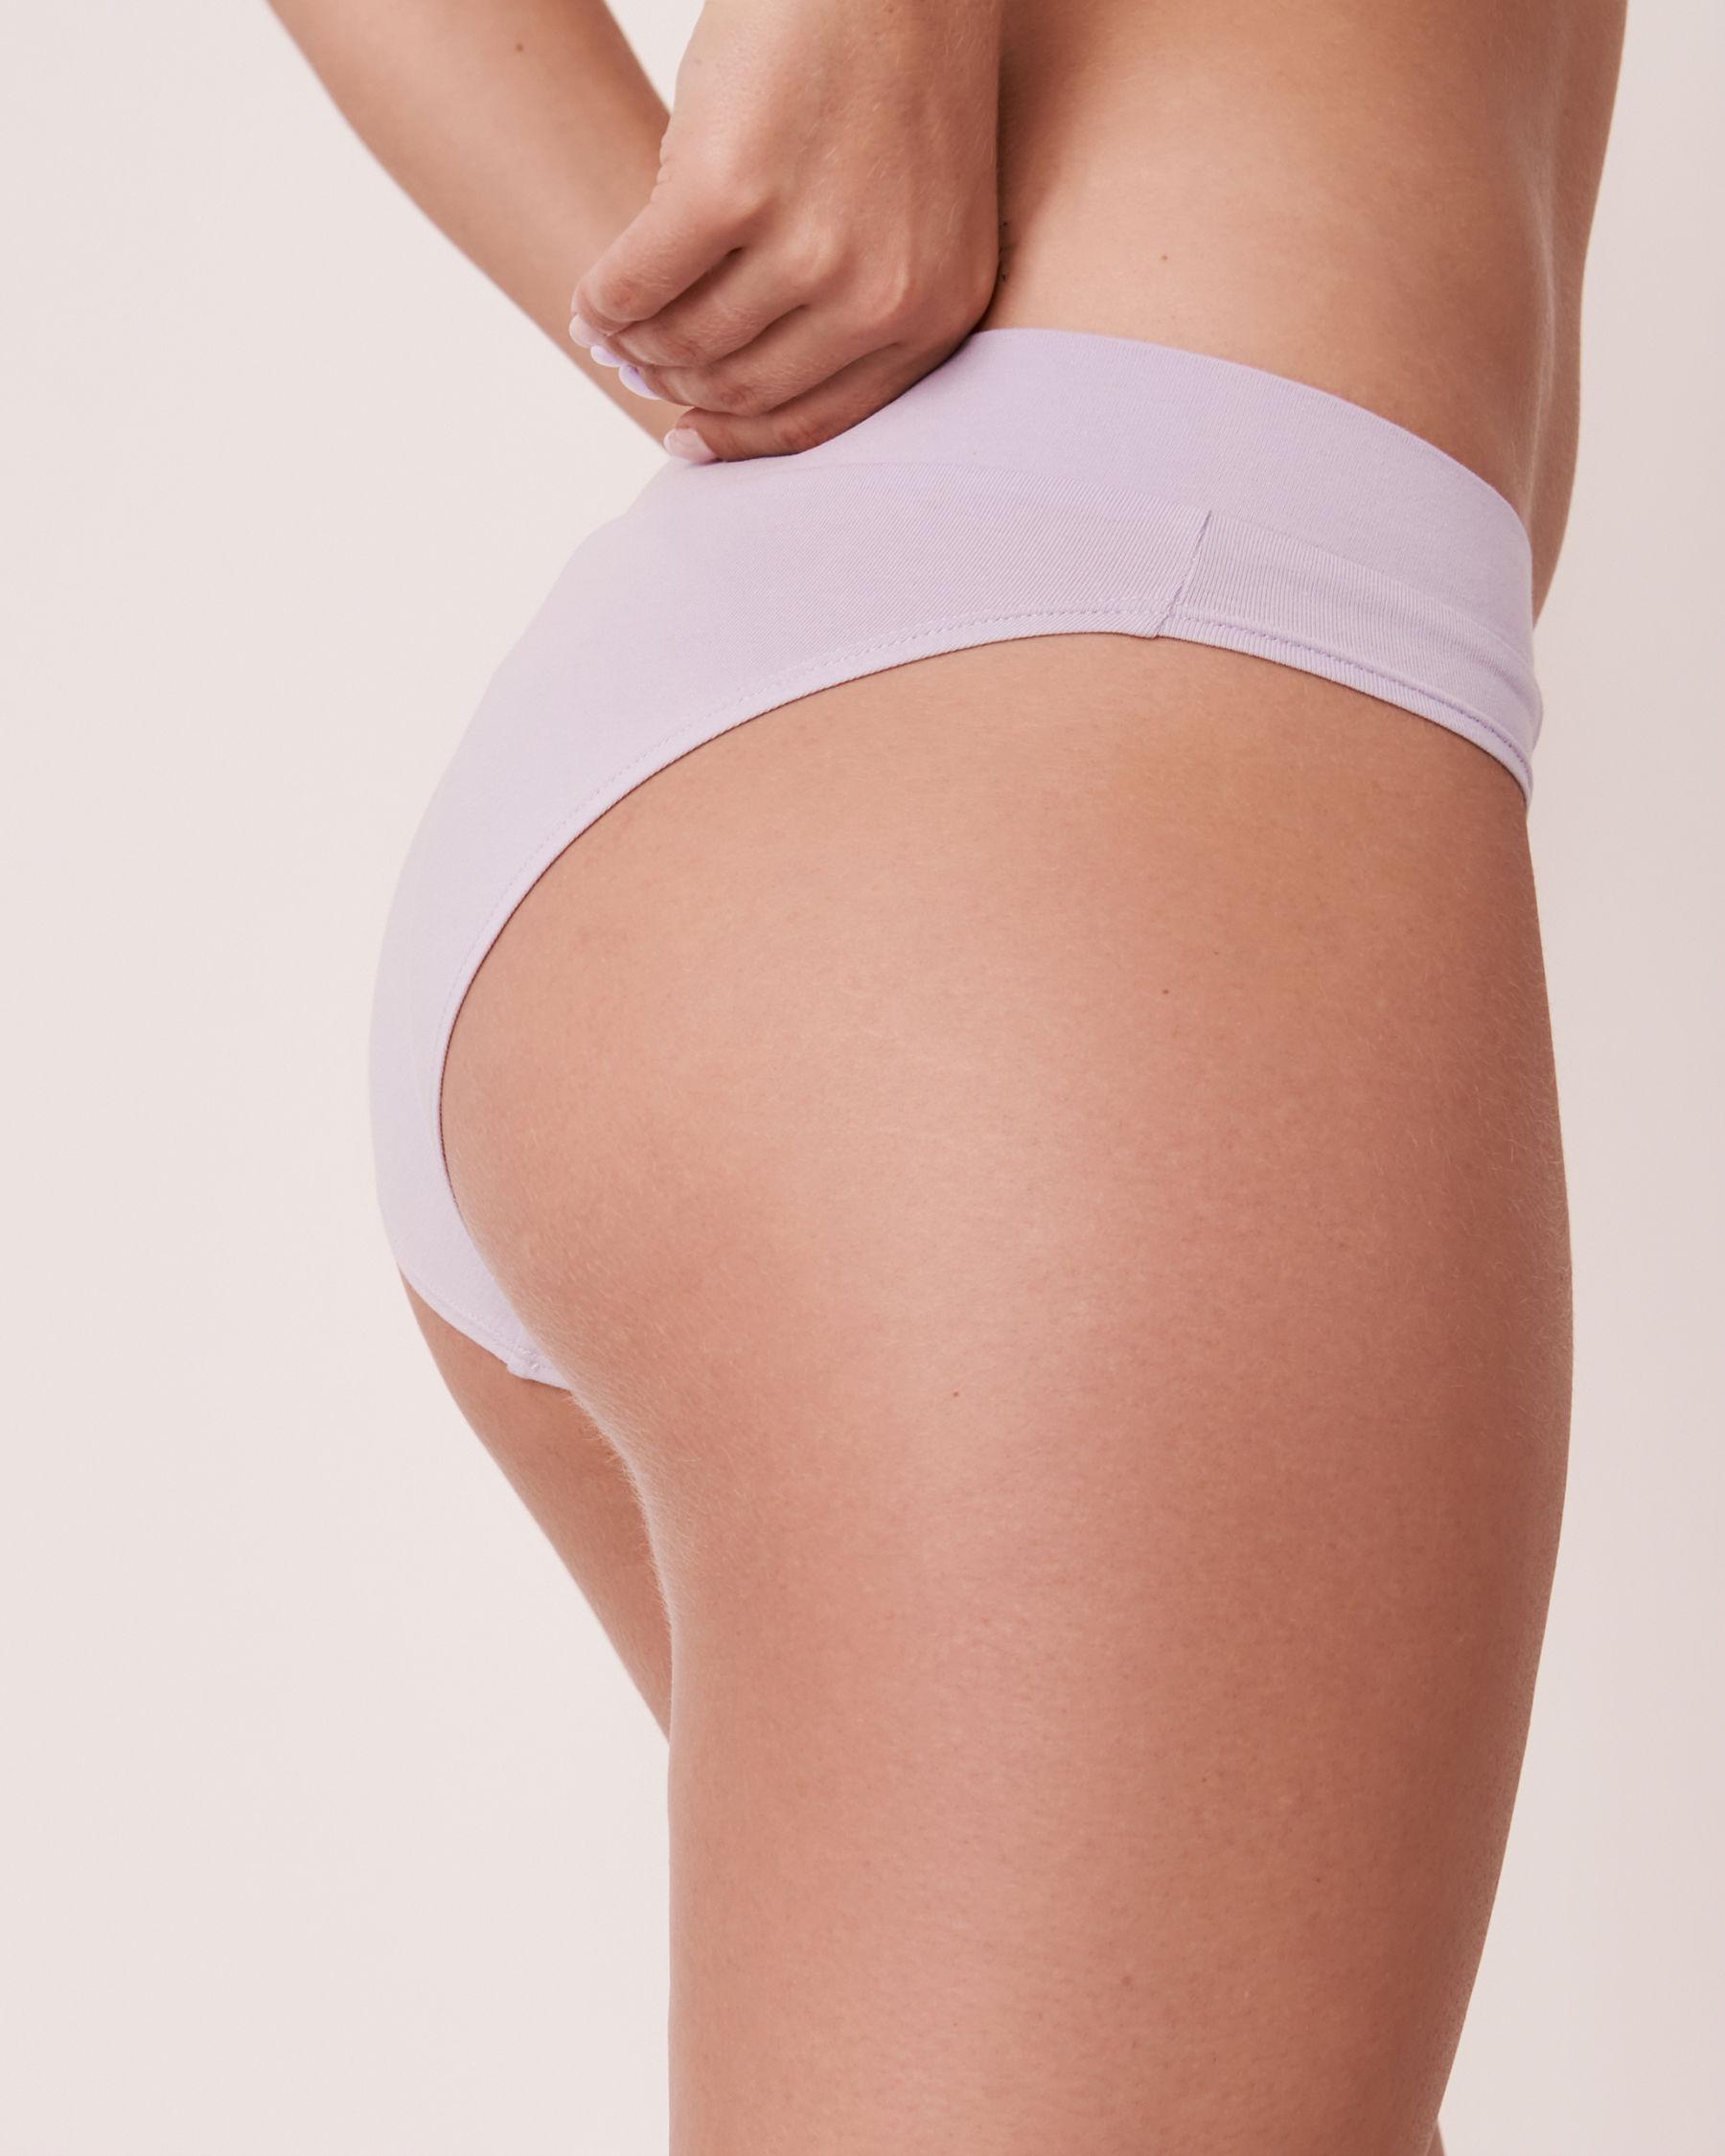 LA VIE EN ROSE Bikini Panty Lavender 20100065 - View2